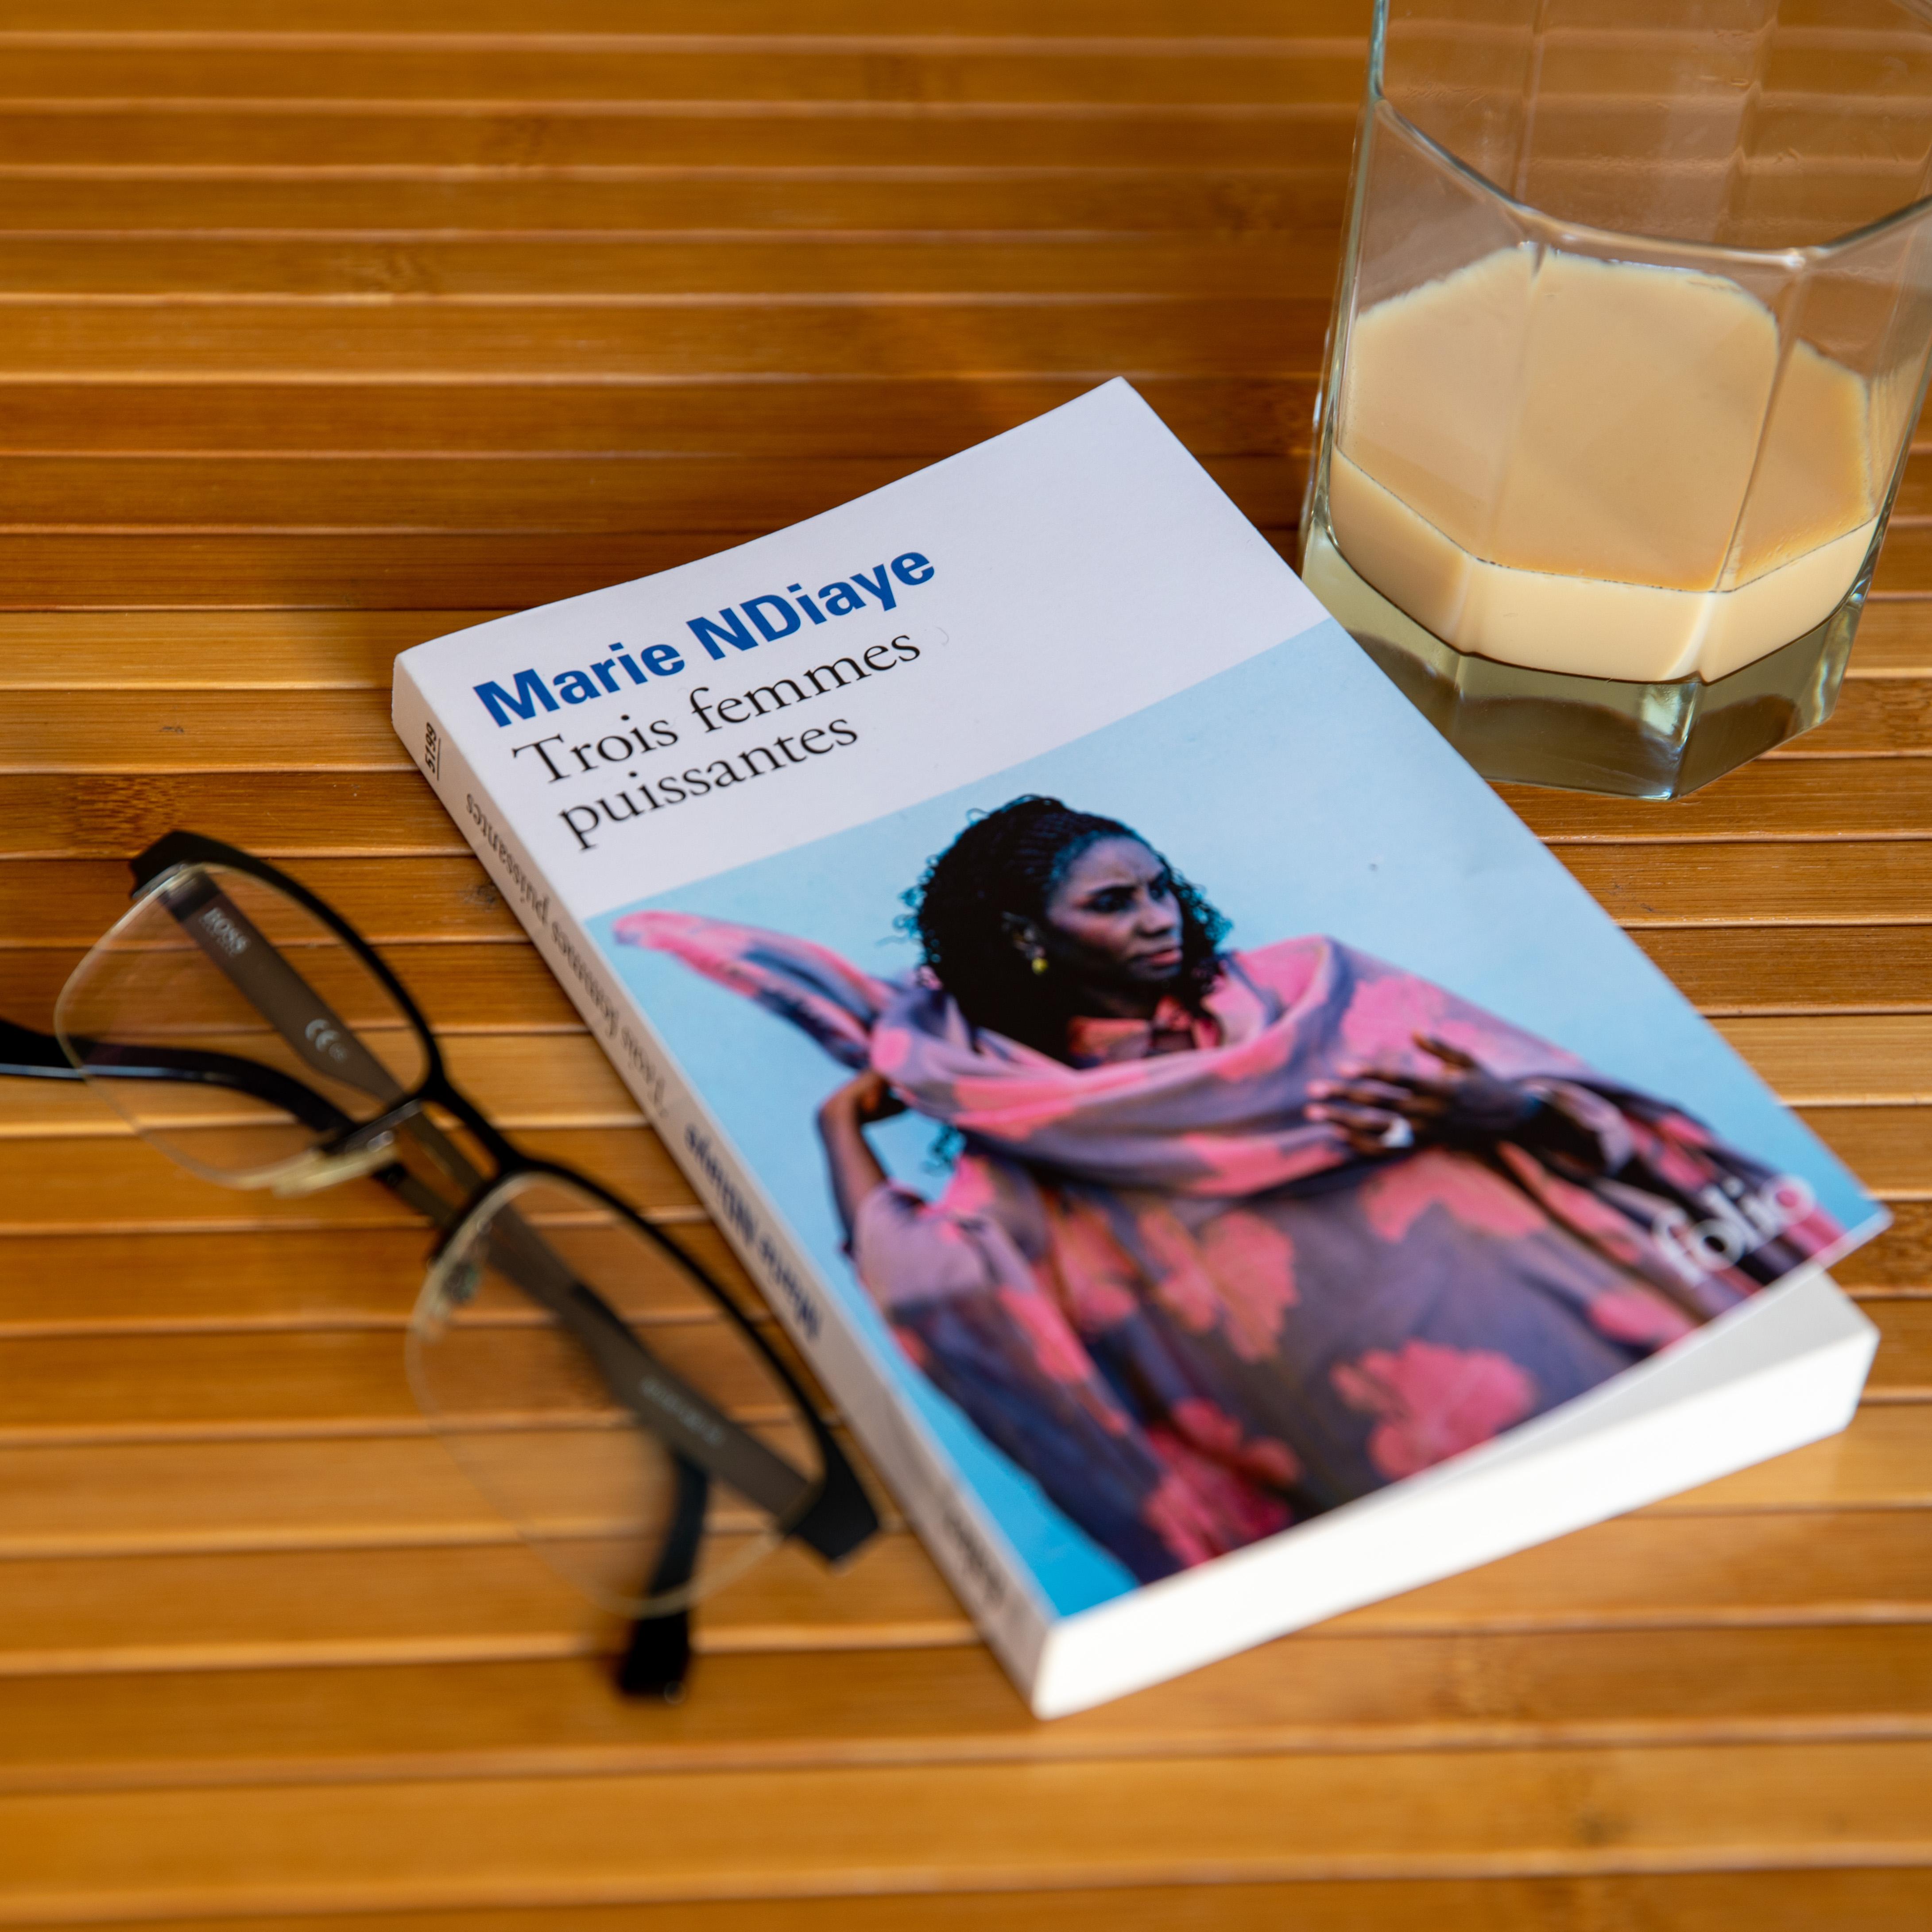 Trois femmes puissantes de Marie Ndiaye